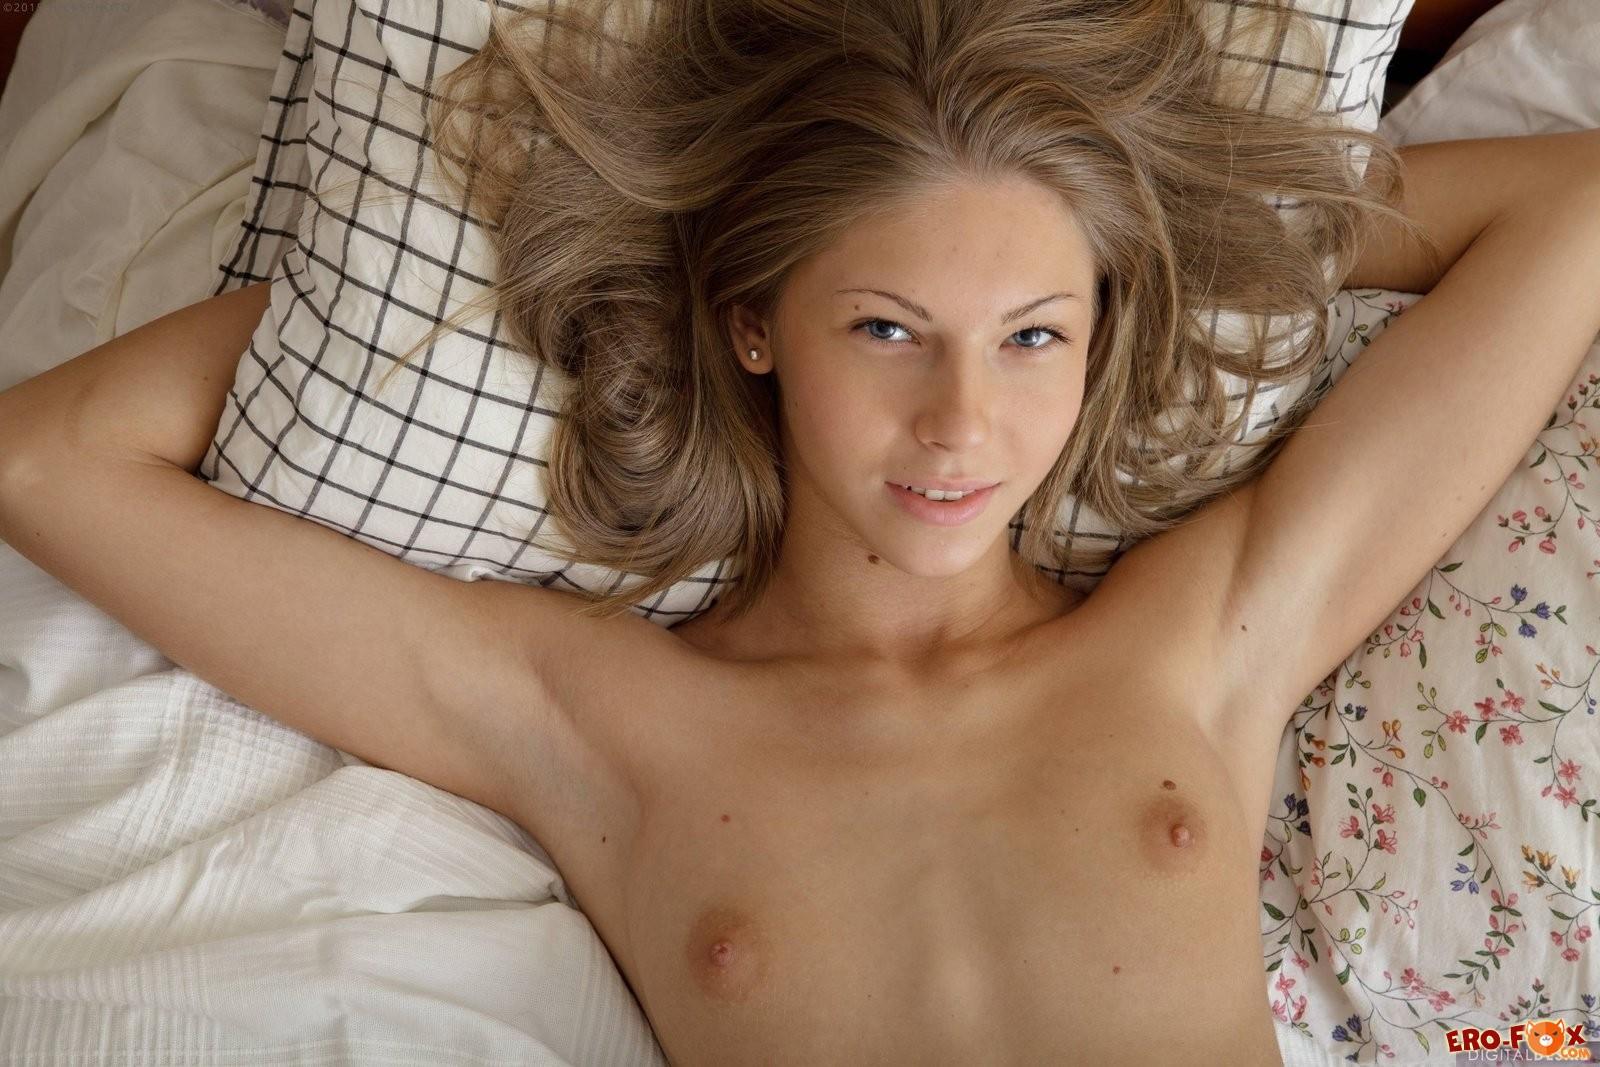 Молодая красивая девушка разделась в постели